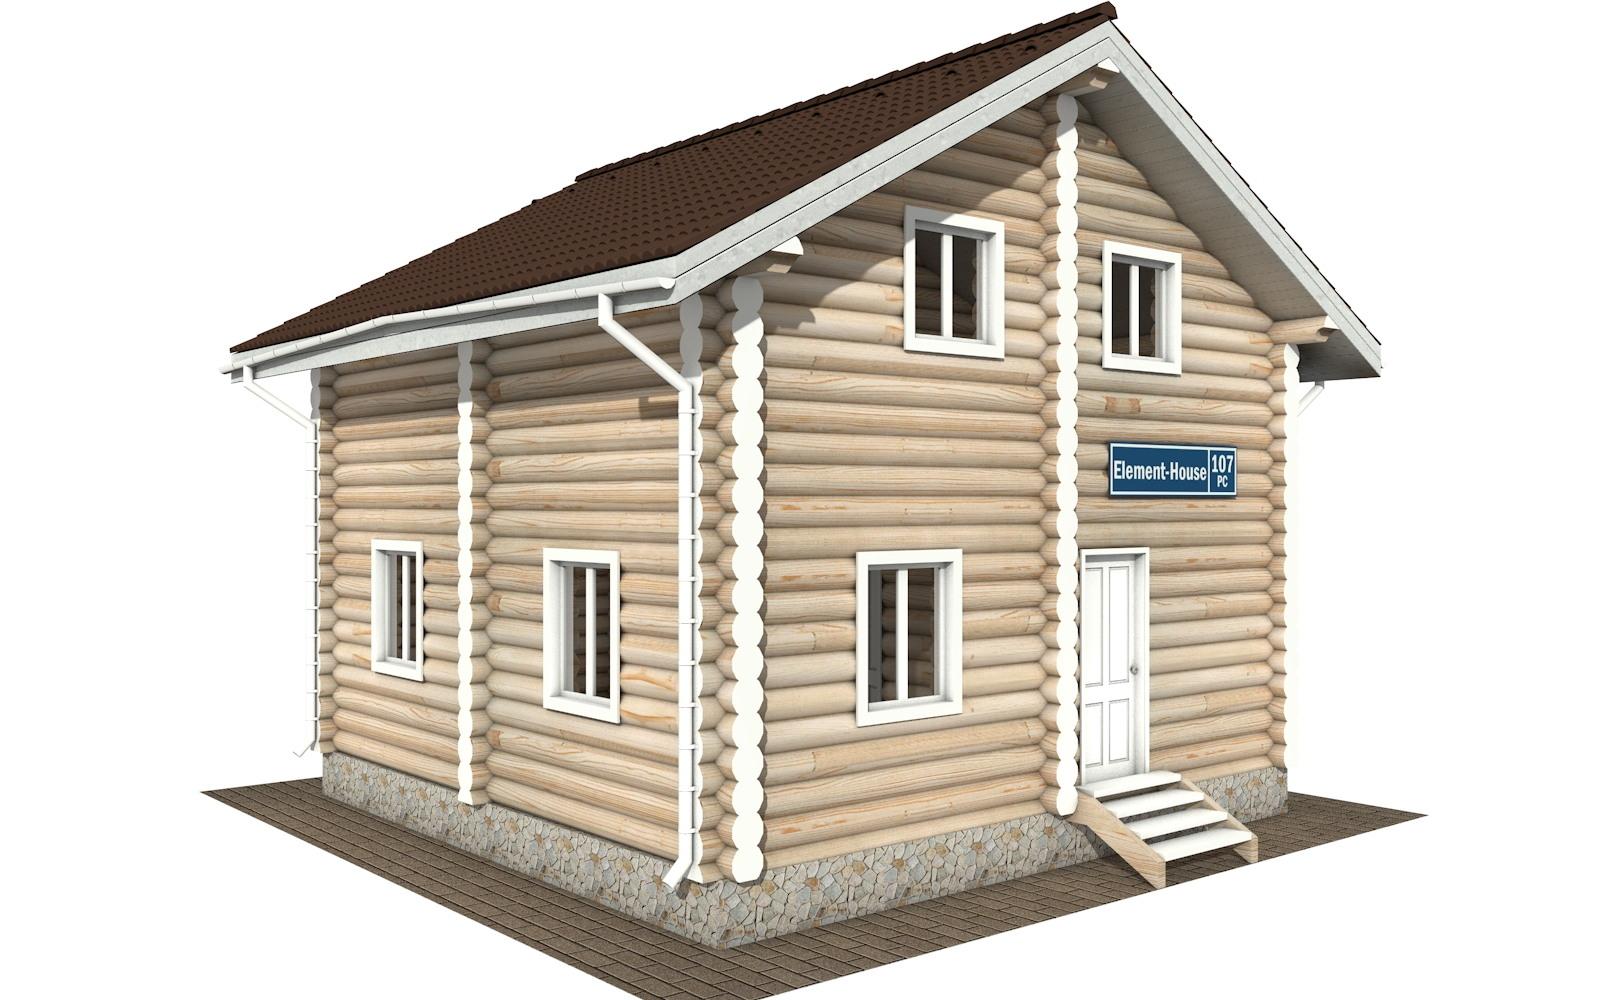 РС-107 - деревянный дома из бревна (из сруба)